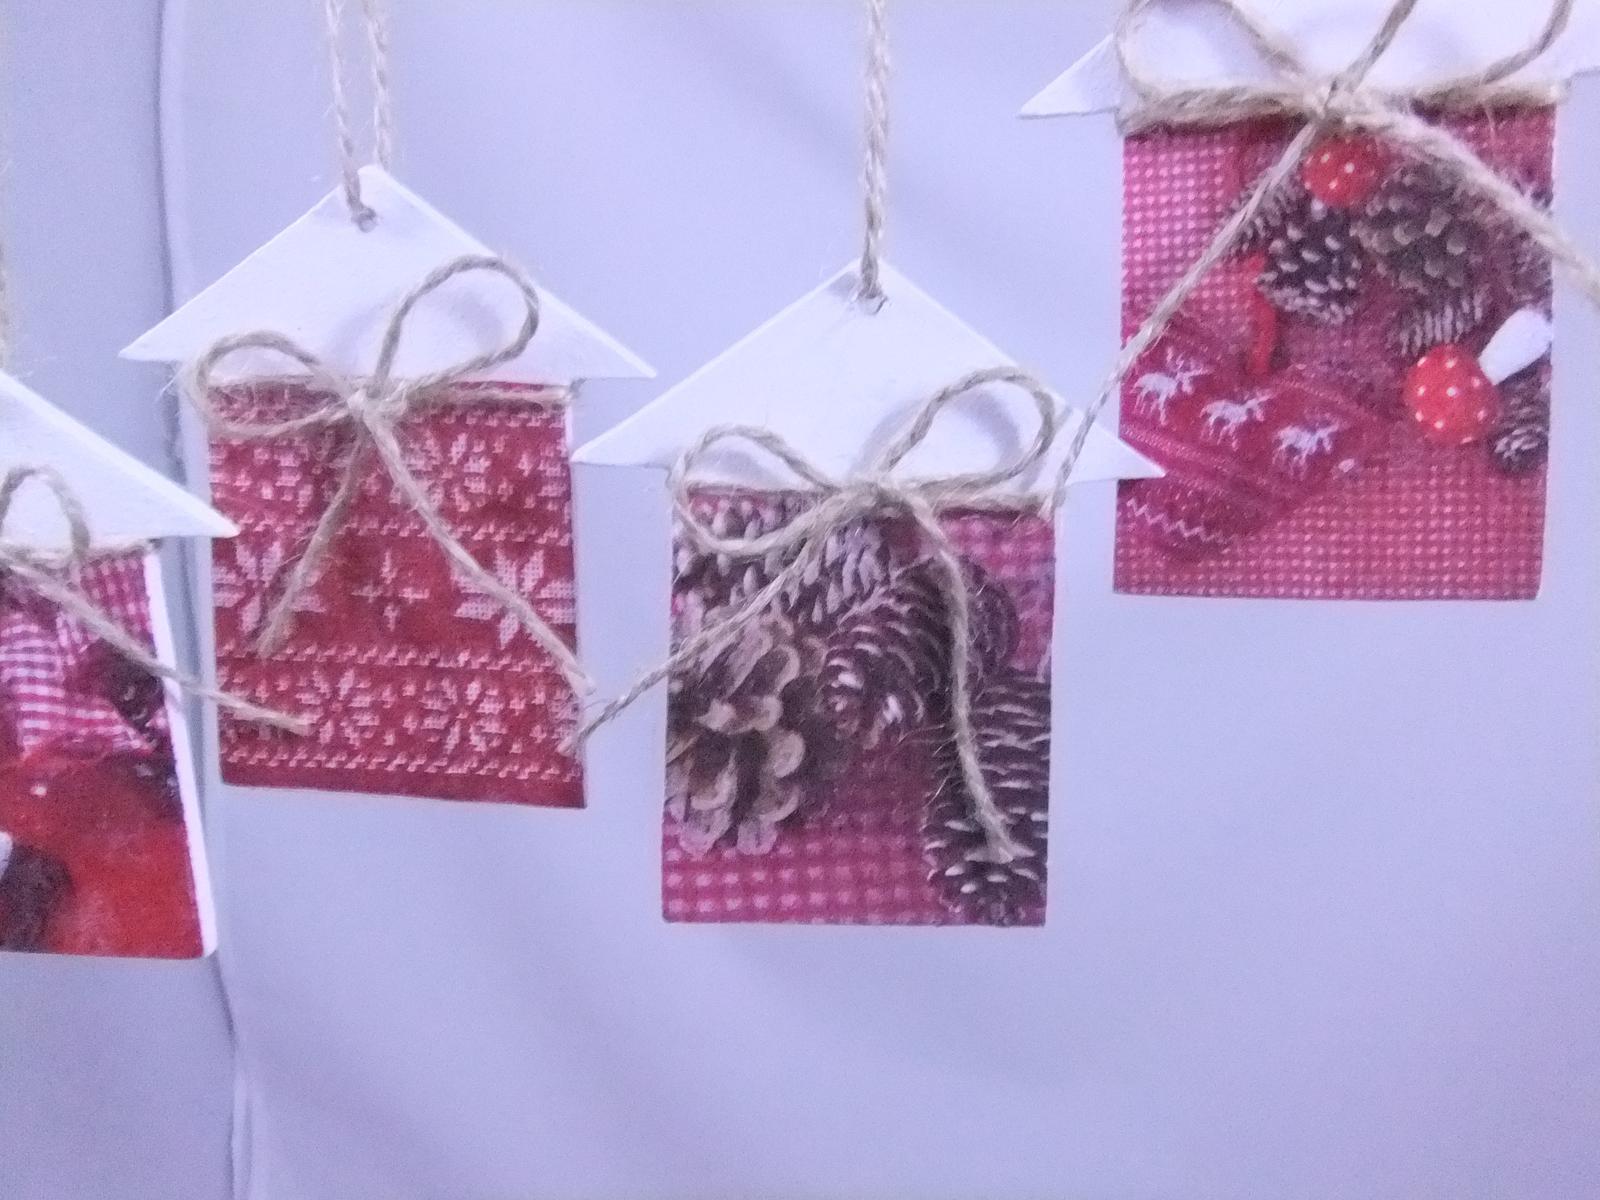 Vianočné domčeky,cena spolu za 4ks s poštovným - Obrázok č. 3